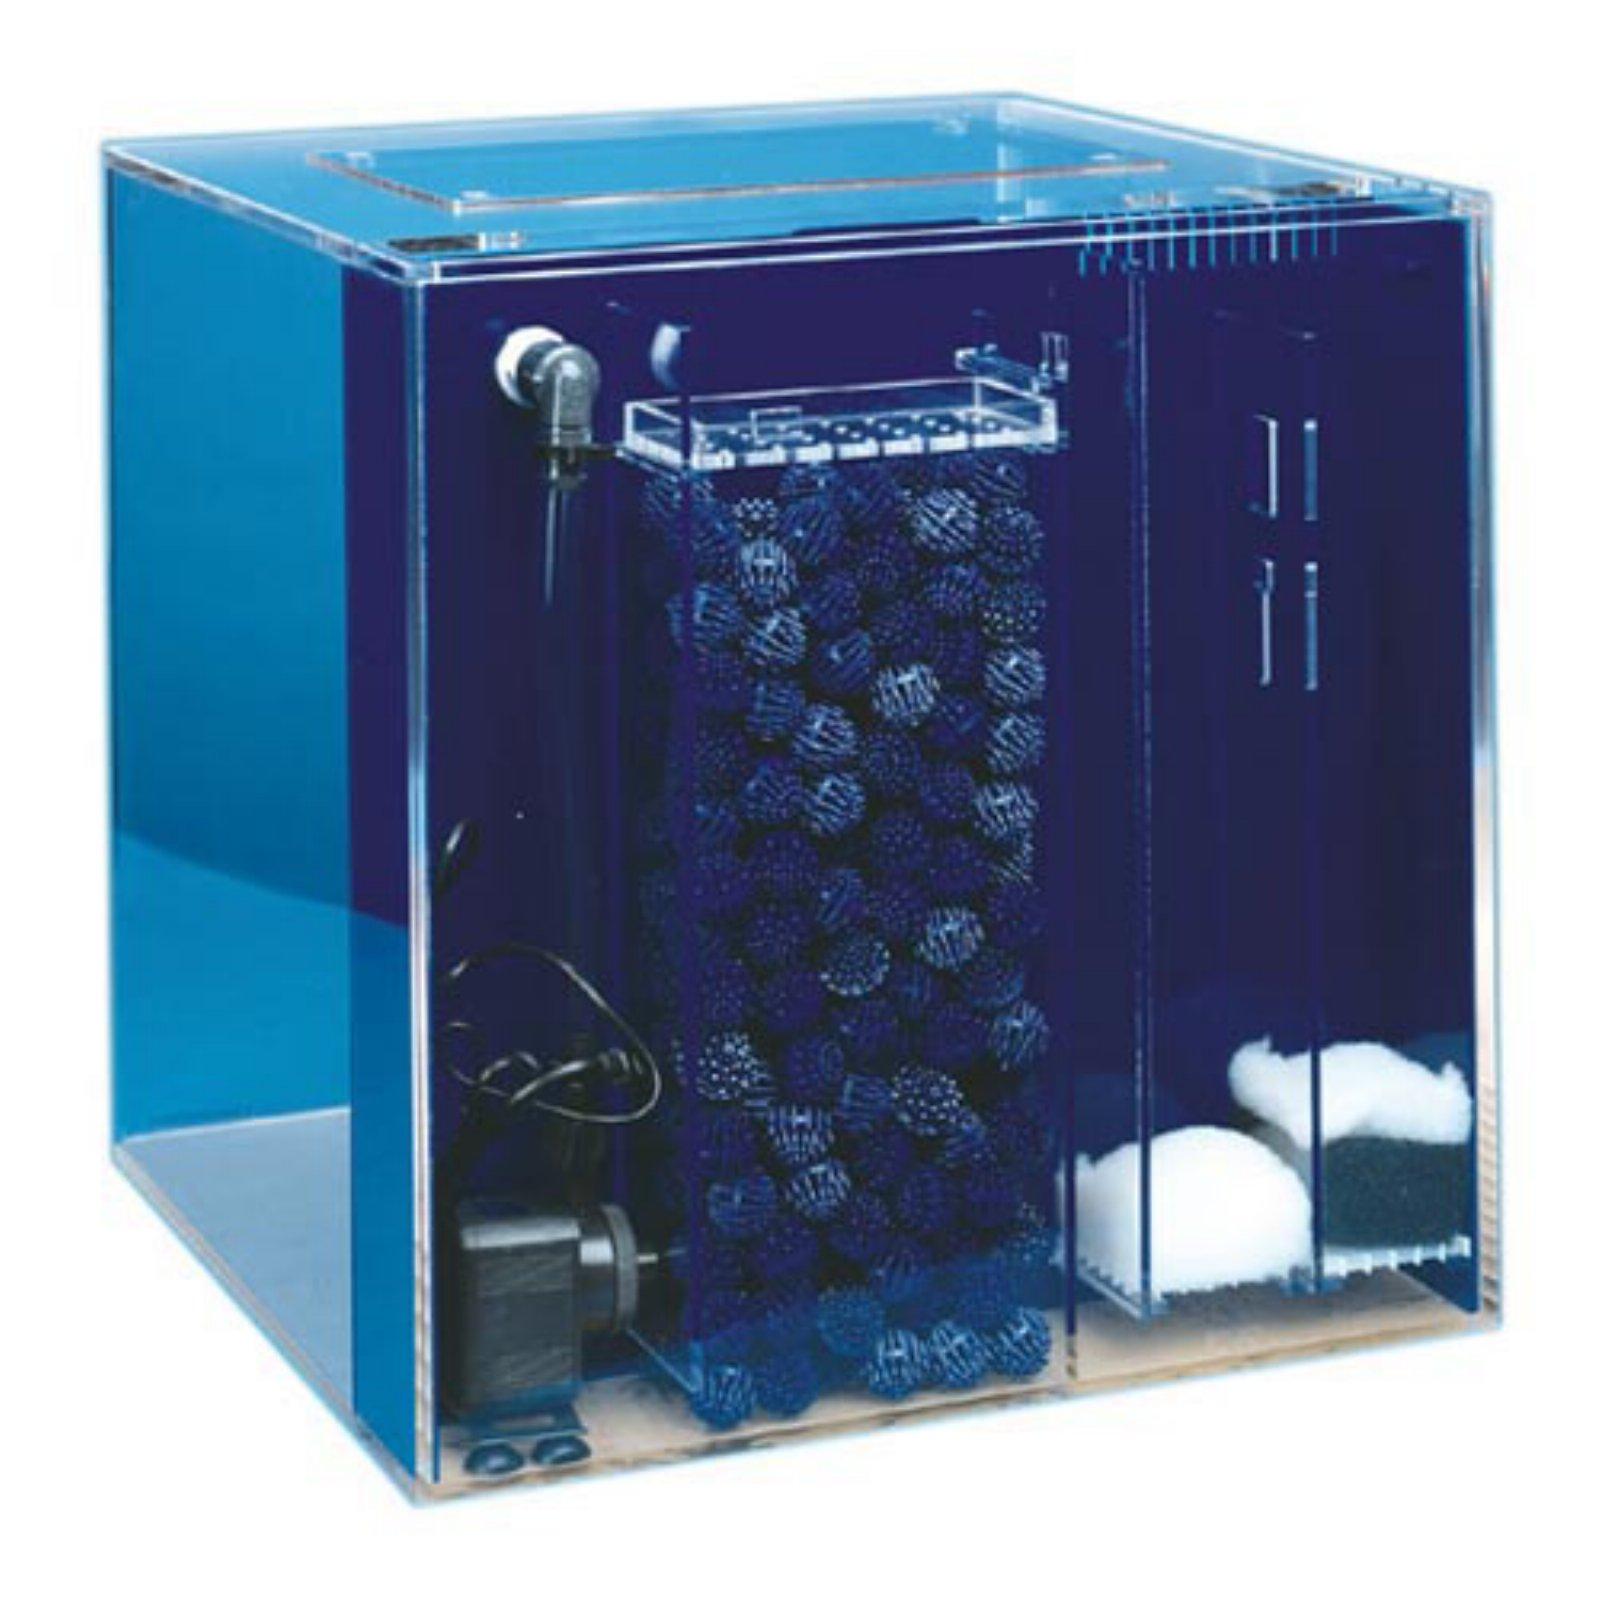 Uniquarium Cube Aquarium with Bio-Fil Filter